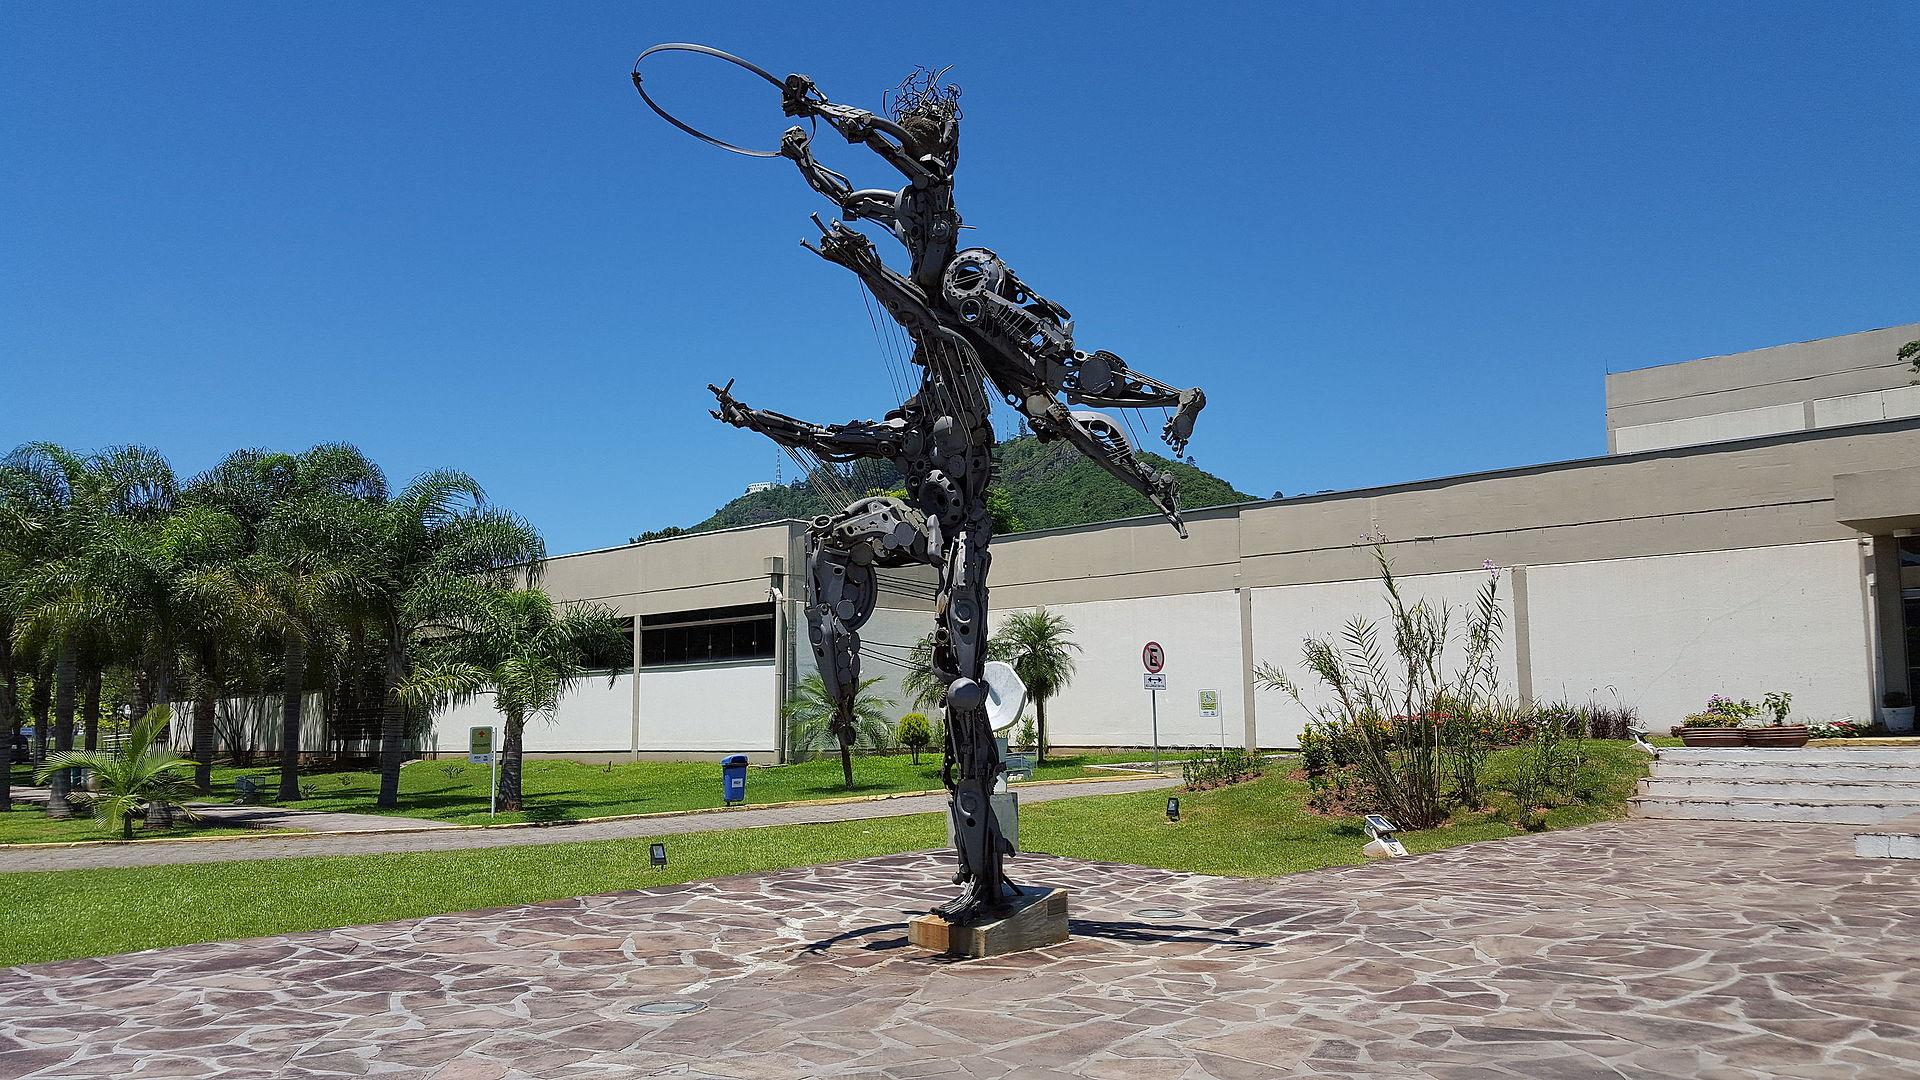 cic - centro integrado de cultura em florianópolis